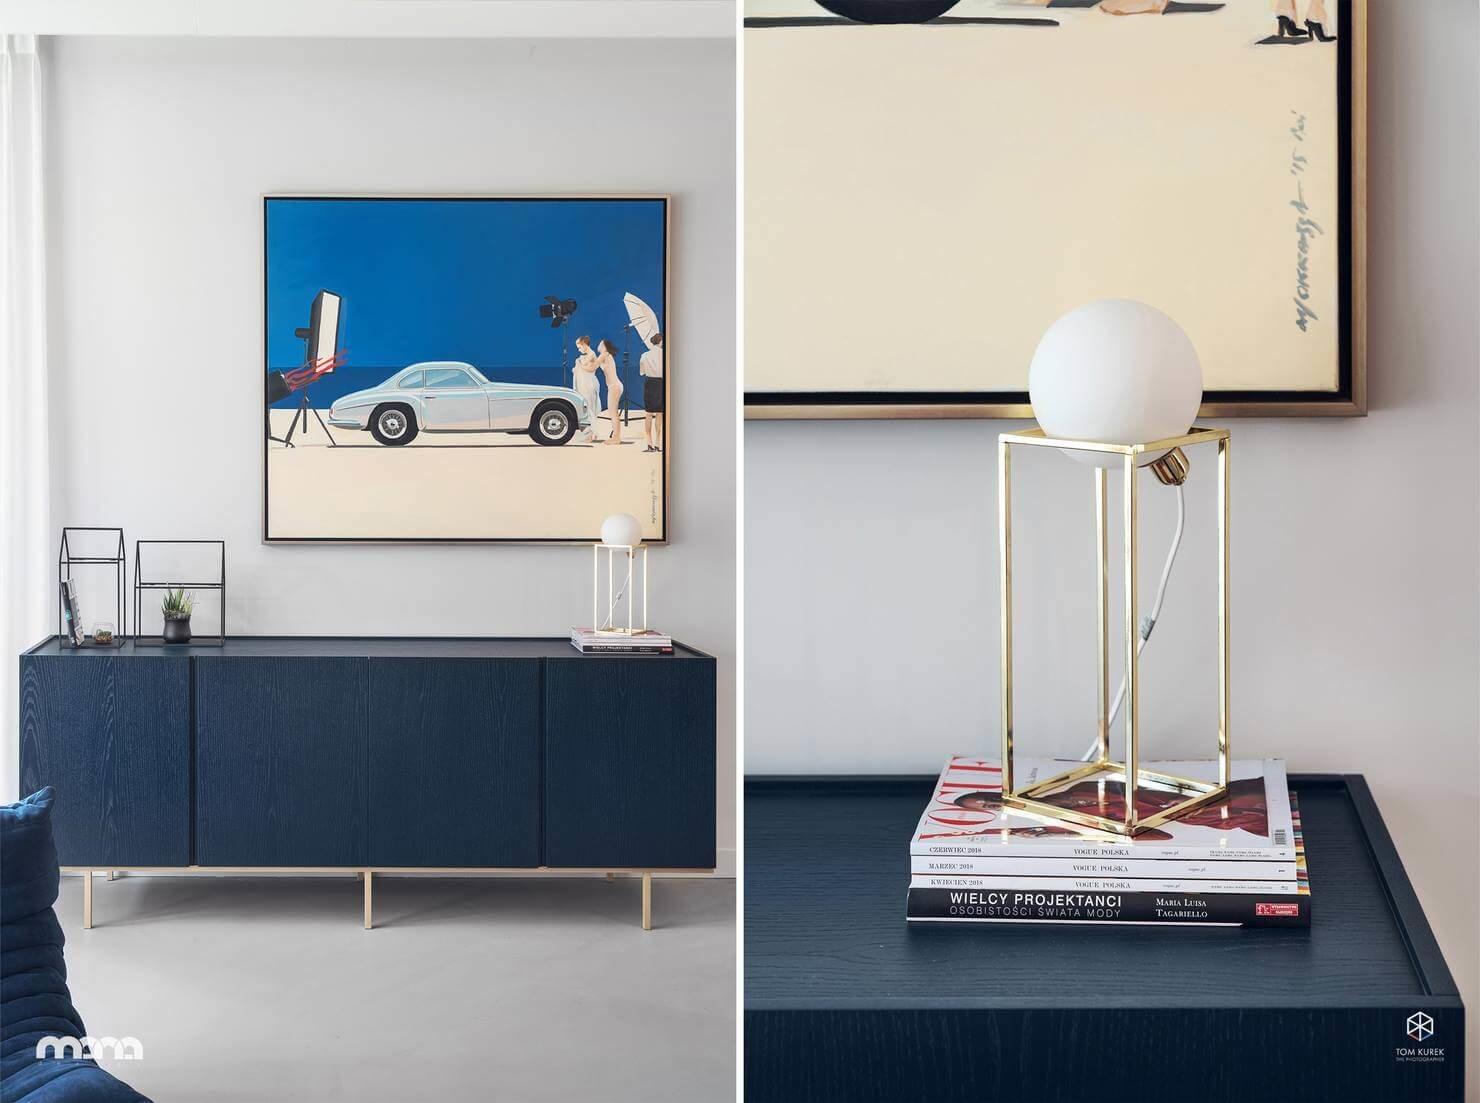 Геометрический рисунок прослеживается во всем: в форме мебели, предметах освещения и декоре